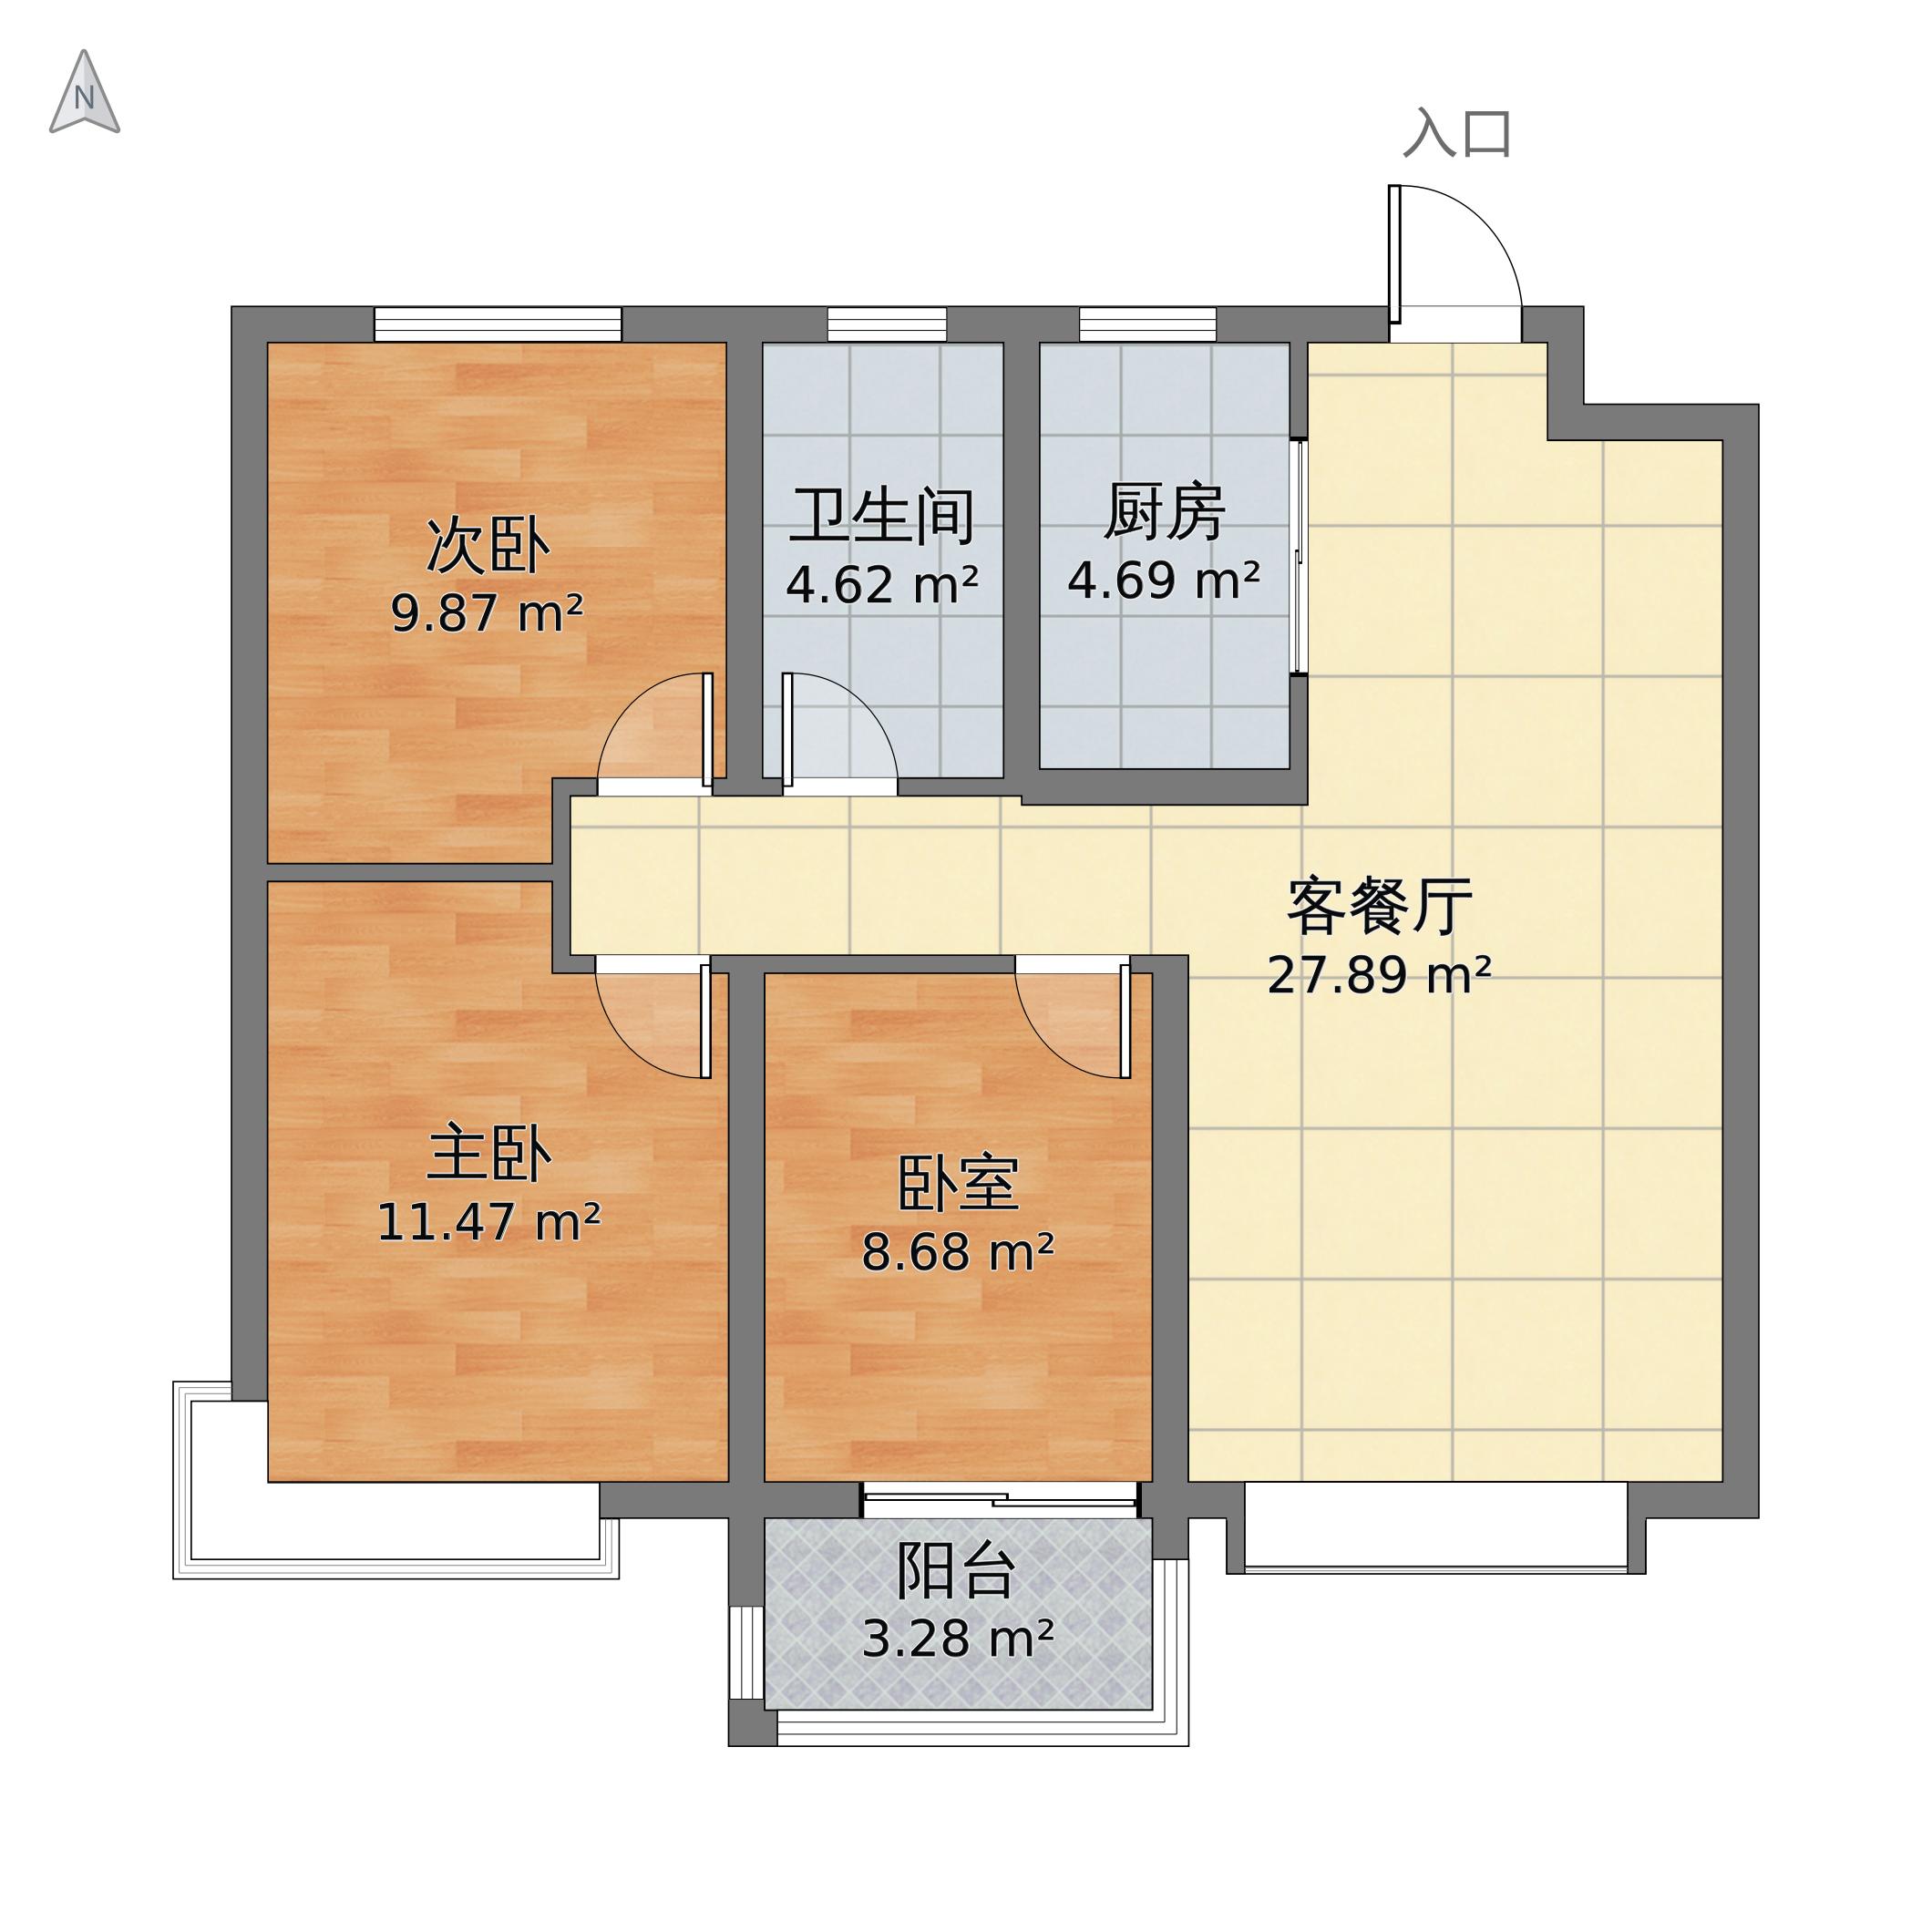 荣盛·锦绣学府113户型图